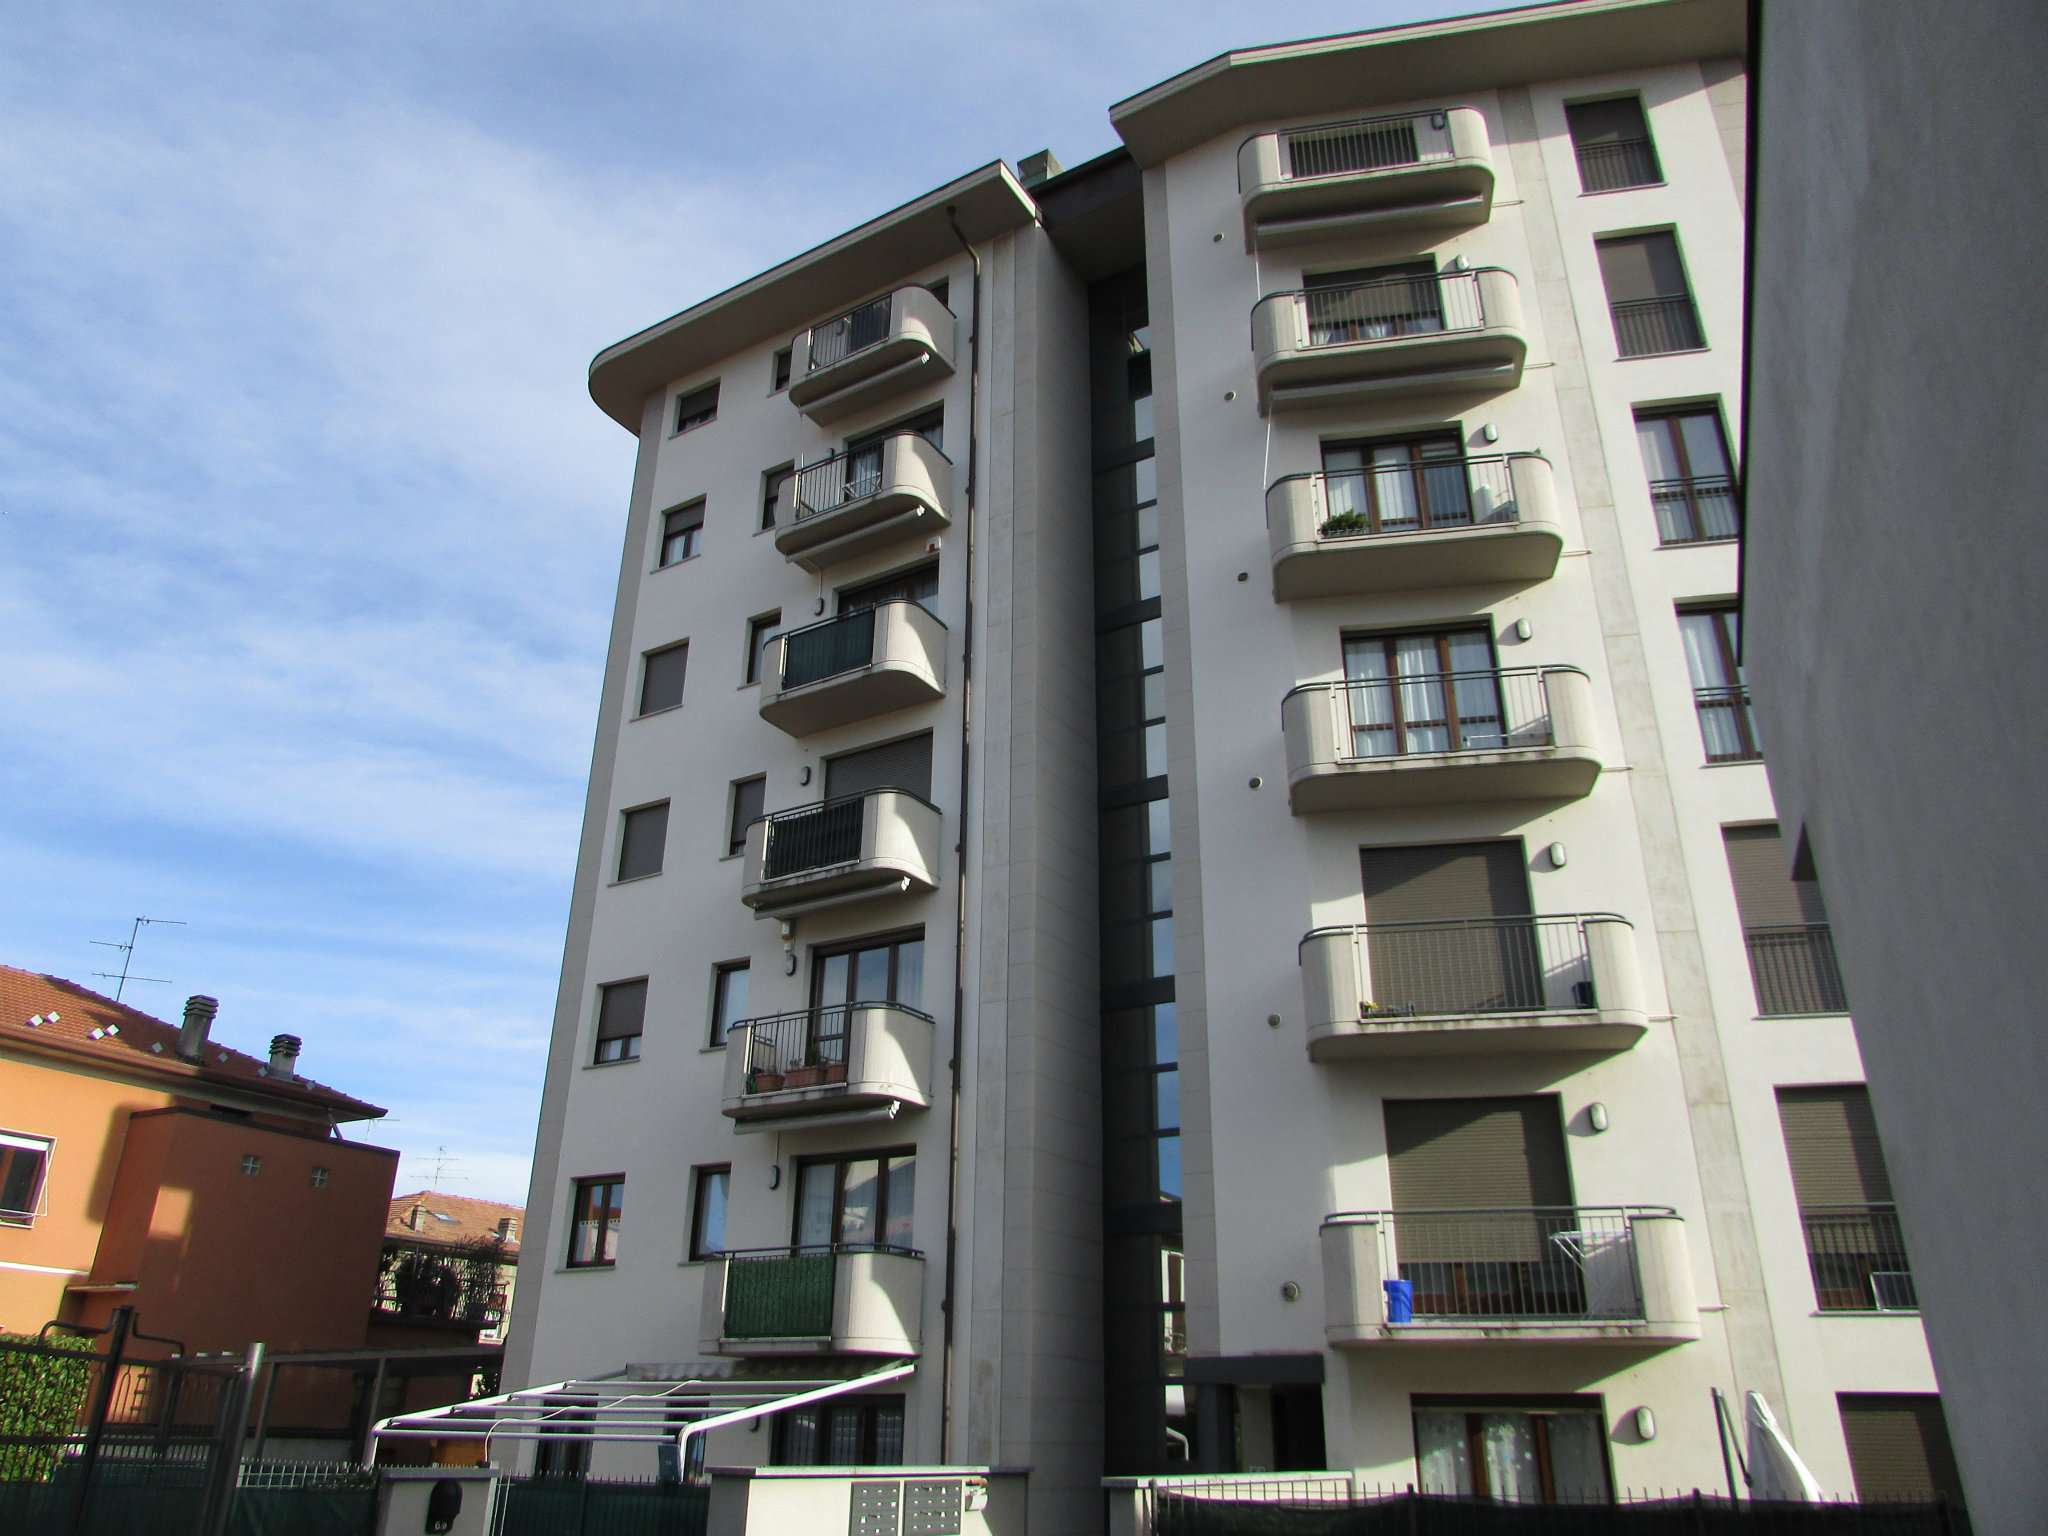 Appartamento in vendita a Cantù, 3 locali, prezzo € 169.000 | PortaleAgenzieImmobiliari.it